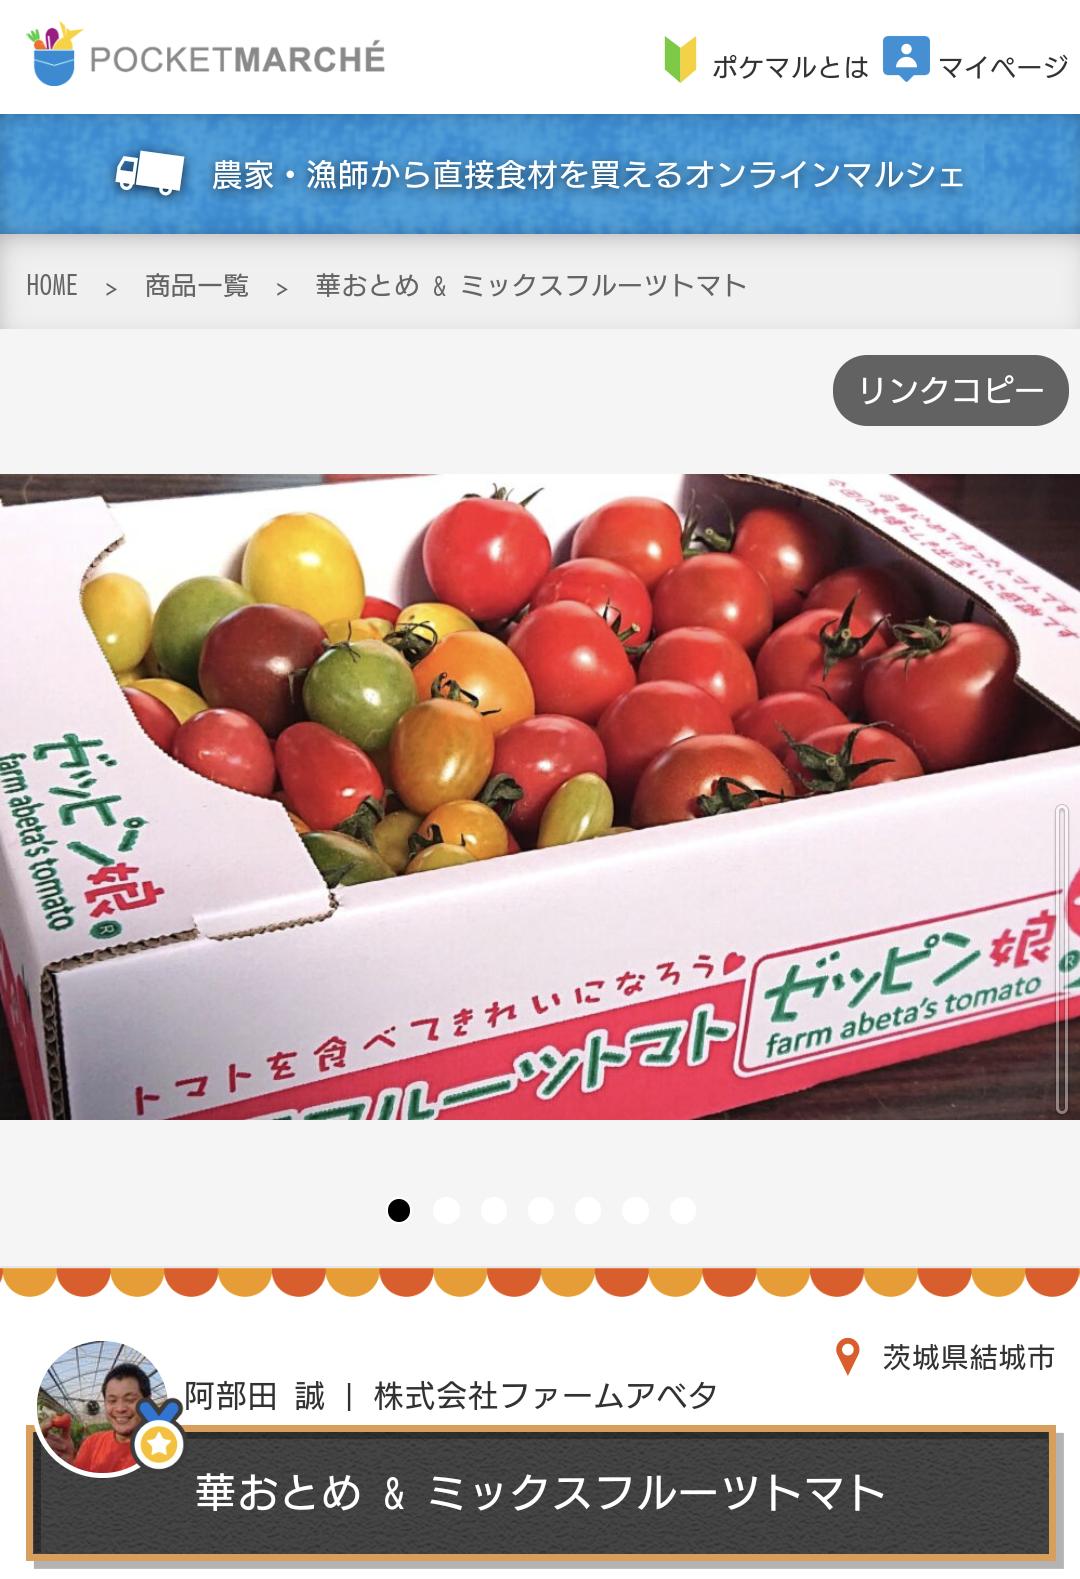 華おとめカラフルトマト